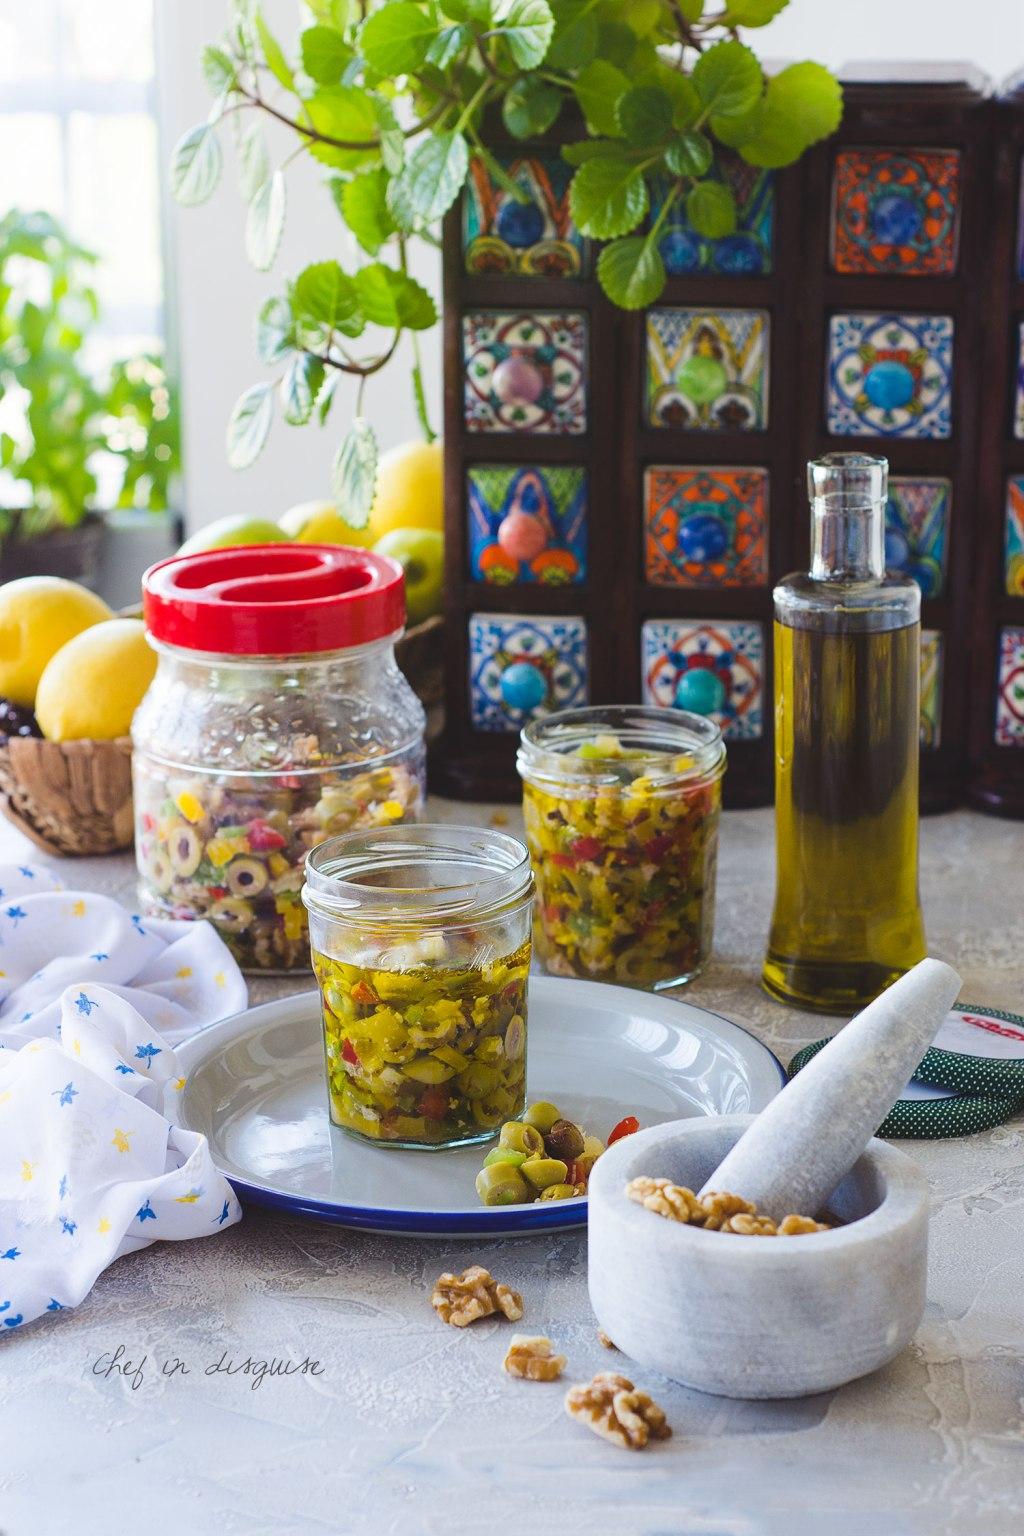 Green olive salad